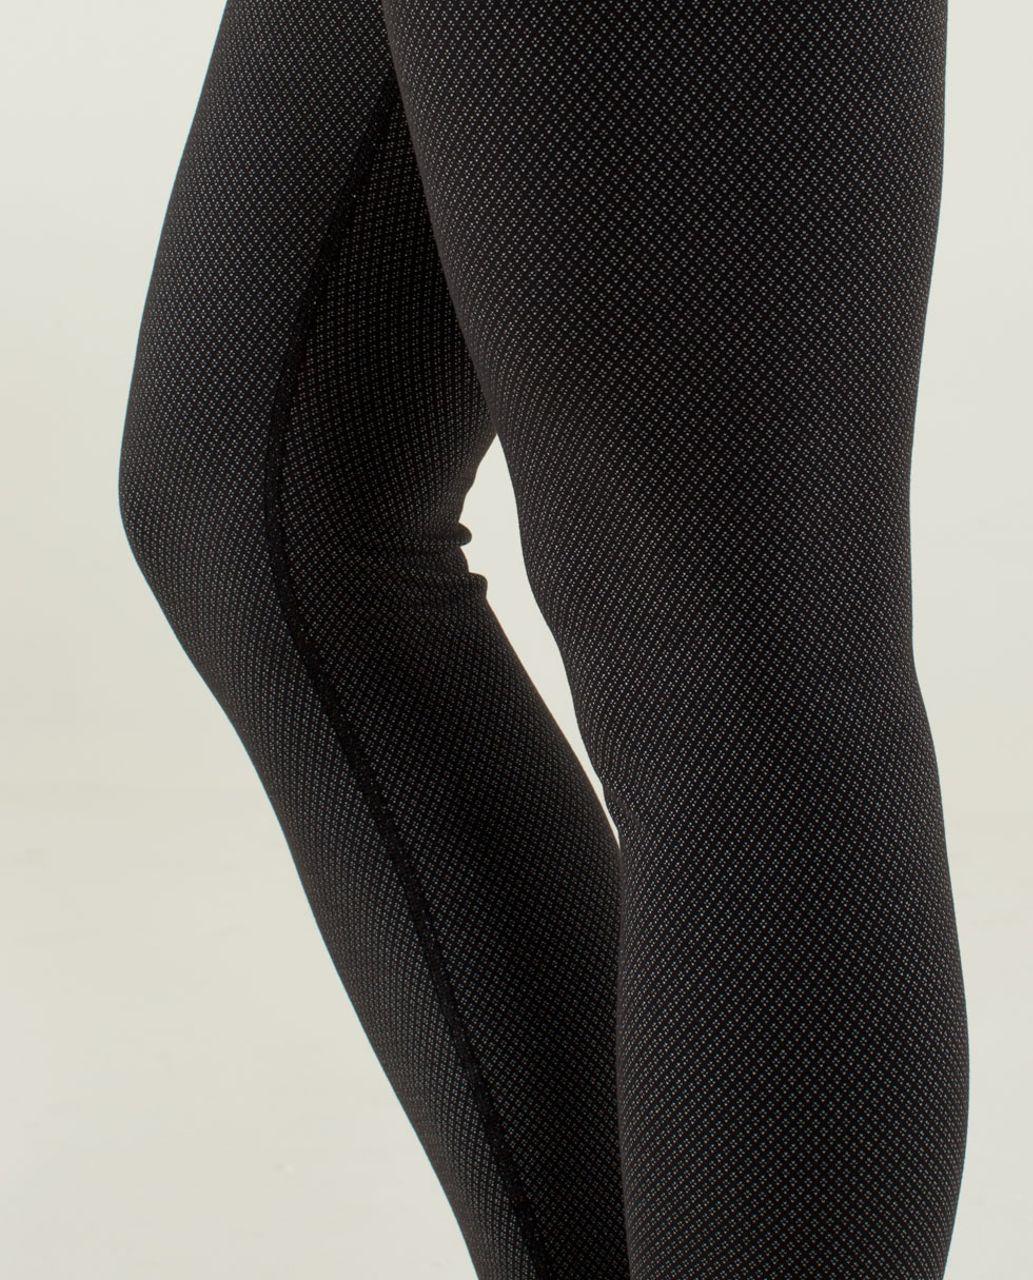 Lululemon Wunder Under Pant - Diamond Dot Black White / Black